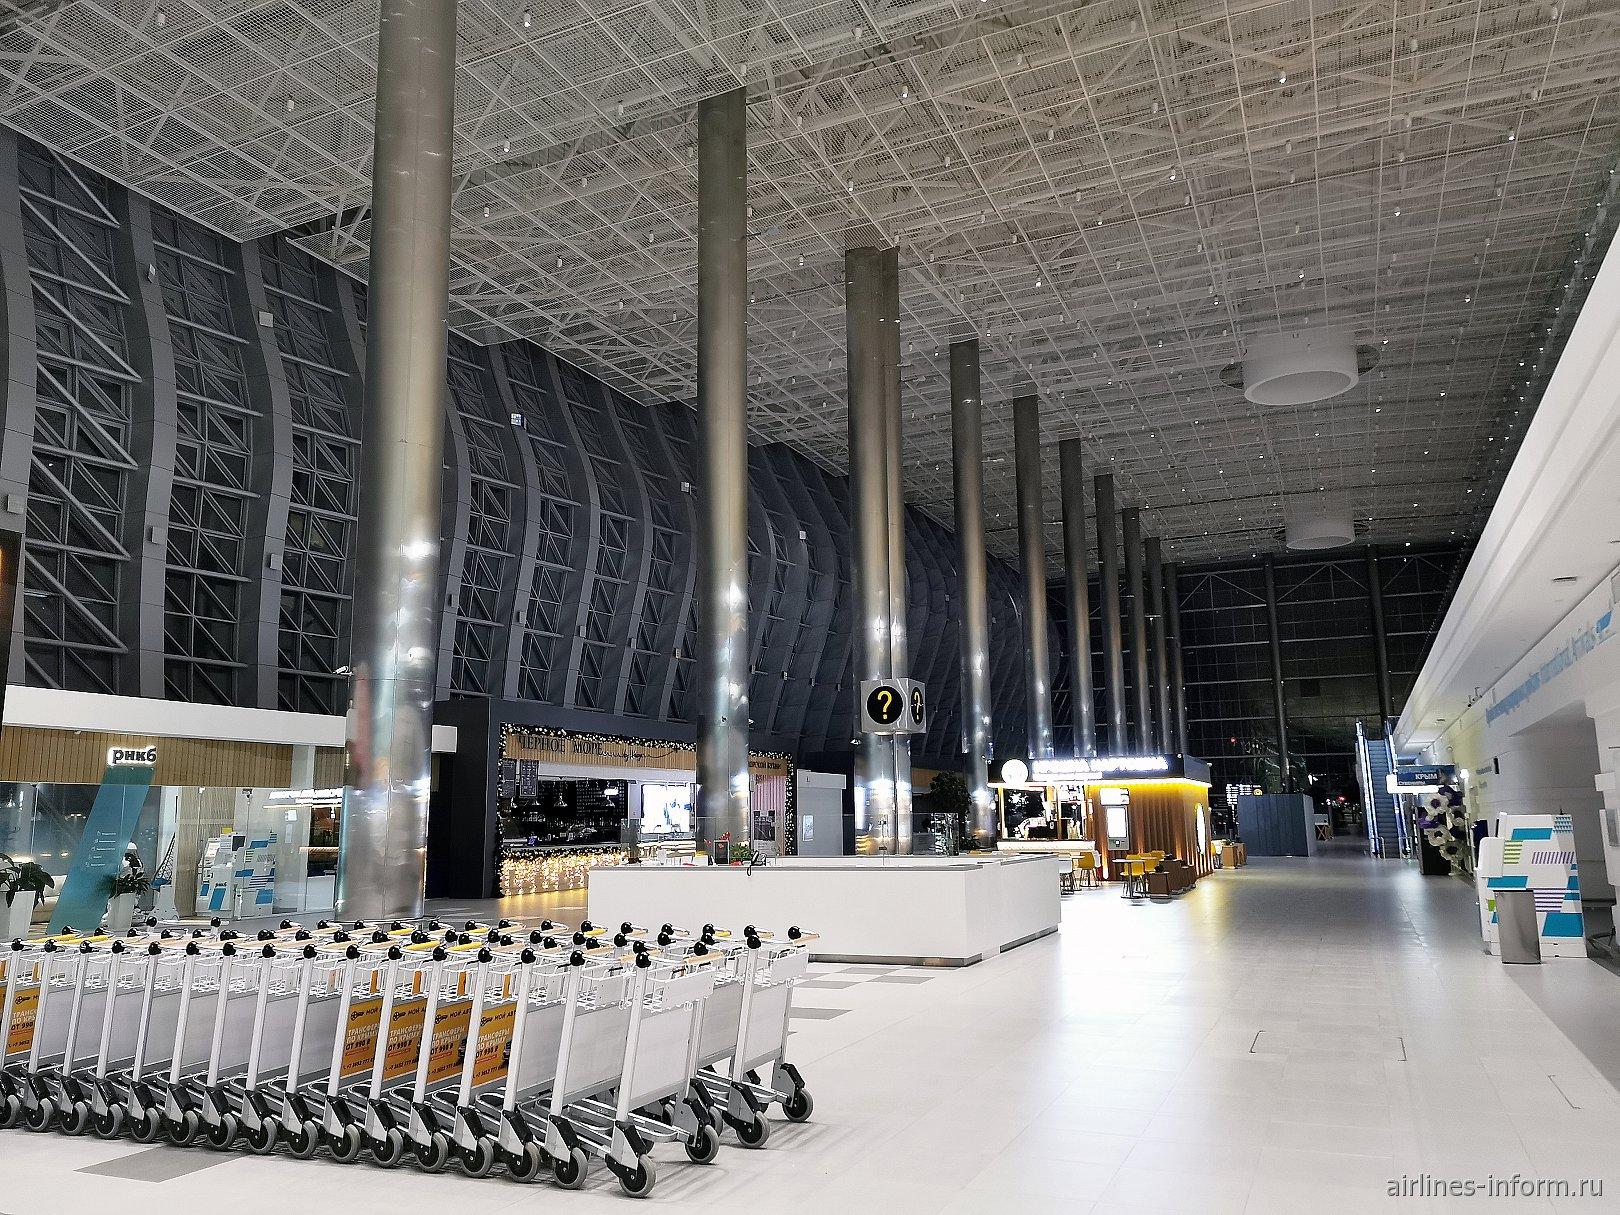 Информационная стойка в аэропорту Симферополь